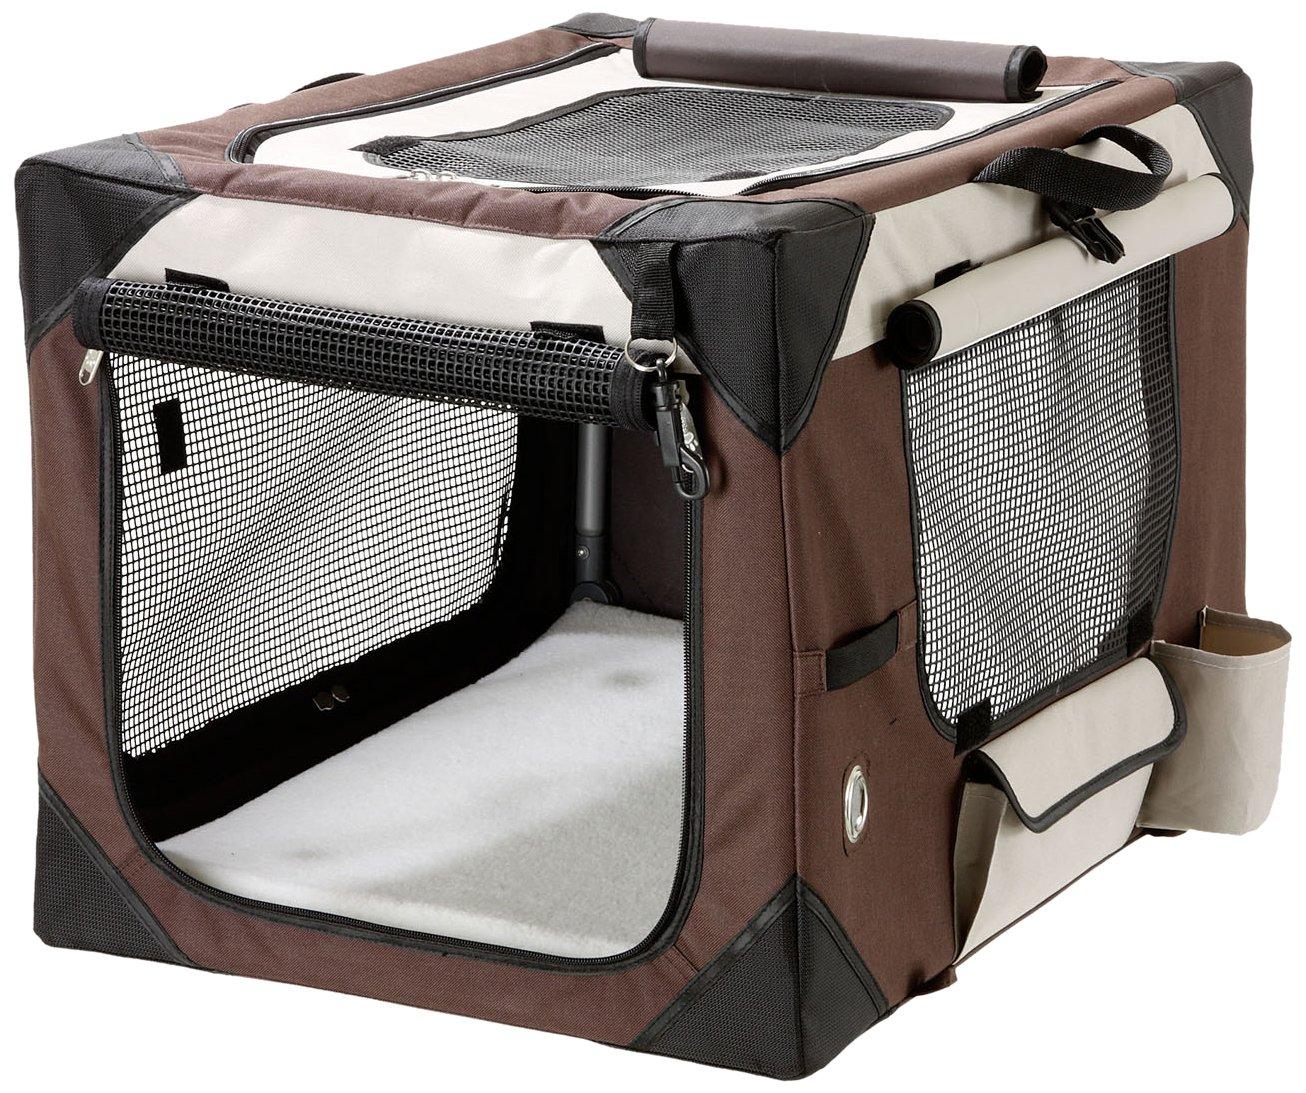 Karlie Flamingo Smart Top de Luxe Travel Box for Dogs, Beige Brown